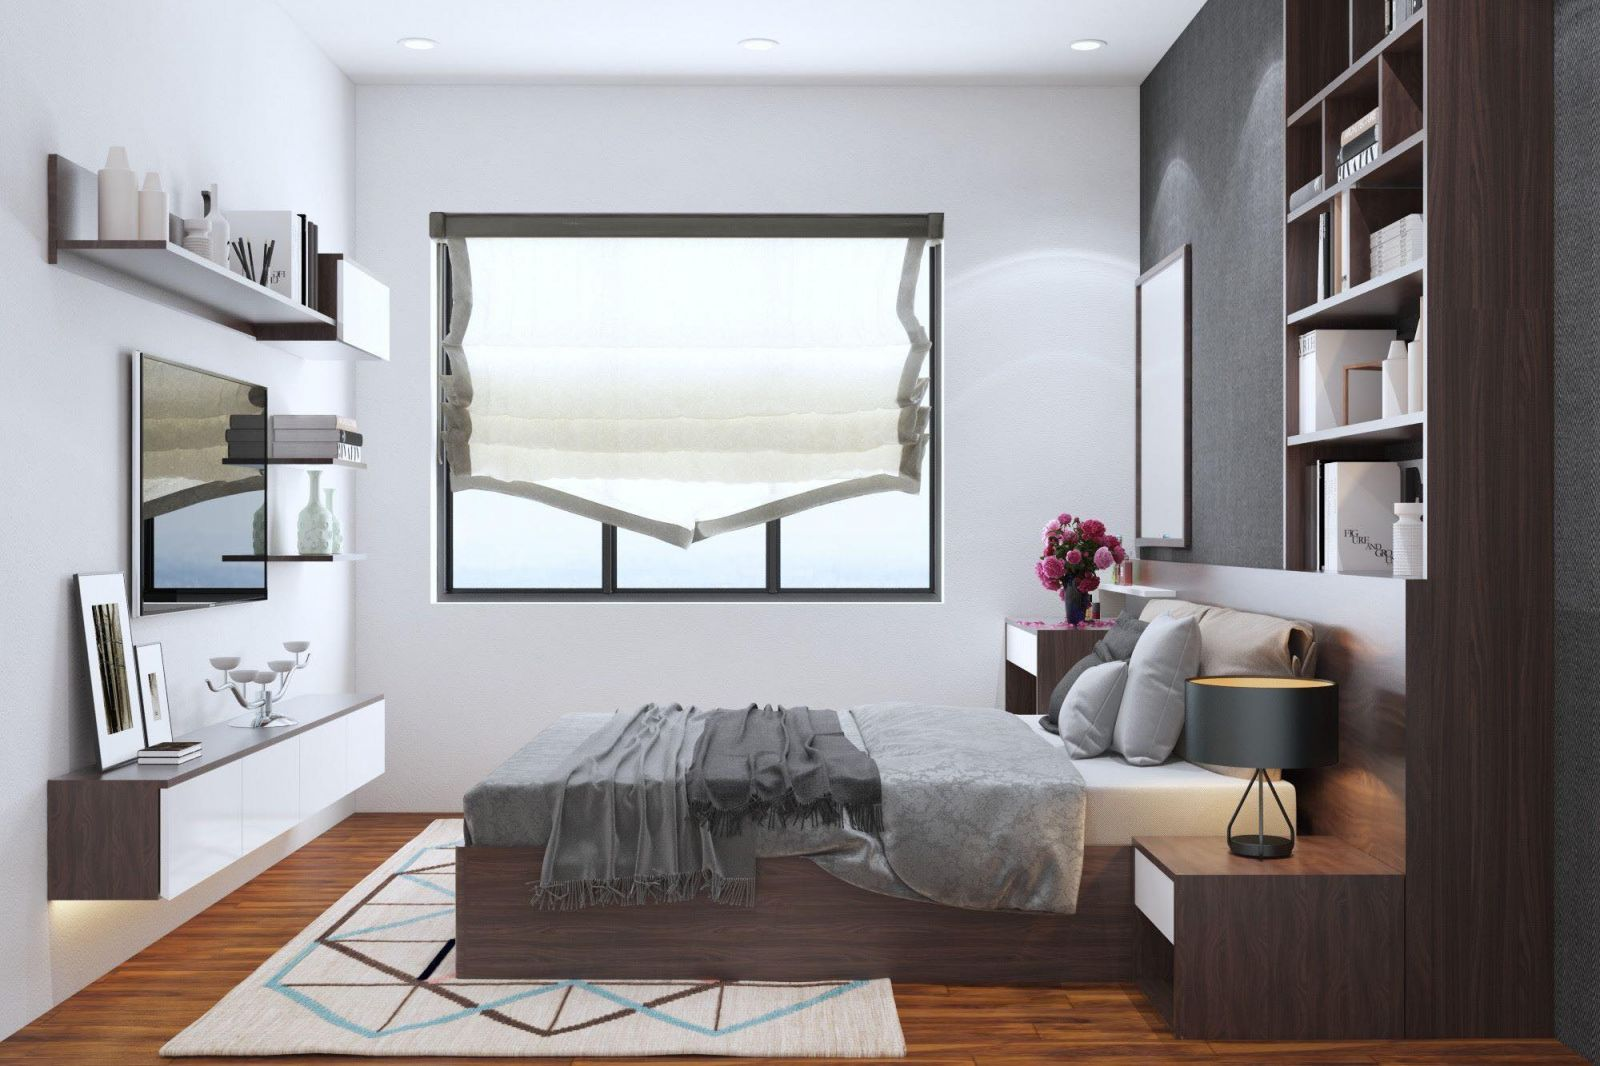 Trọn gói nội thất căn hộ 2 phòng ngủ 8